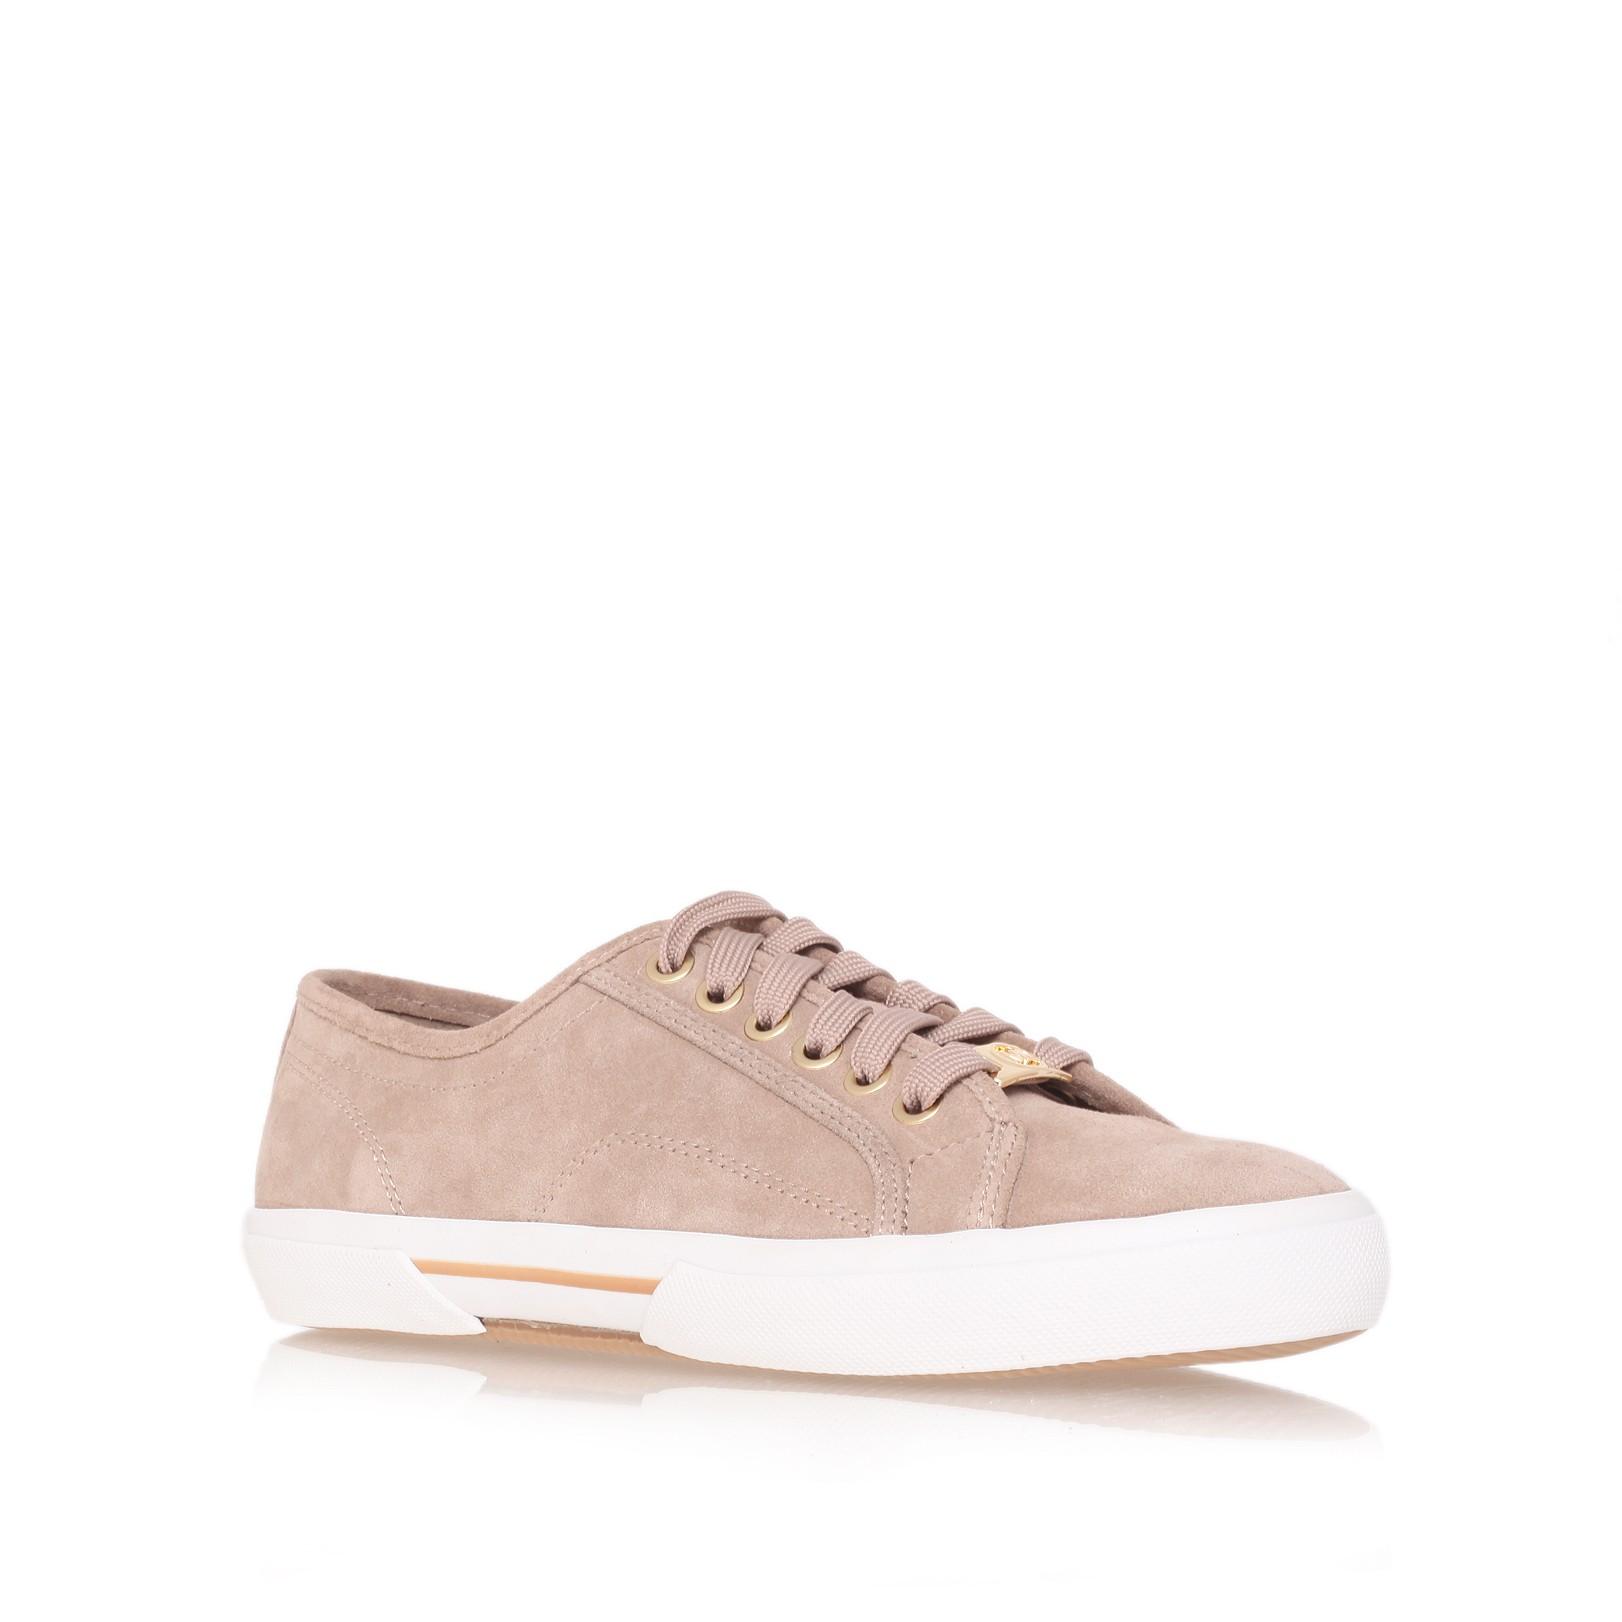 6f7f1e671c590 Michael Michael Kors Boerum Sneaker in Natural - Lyst